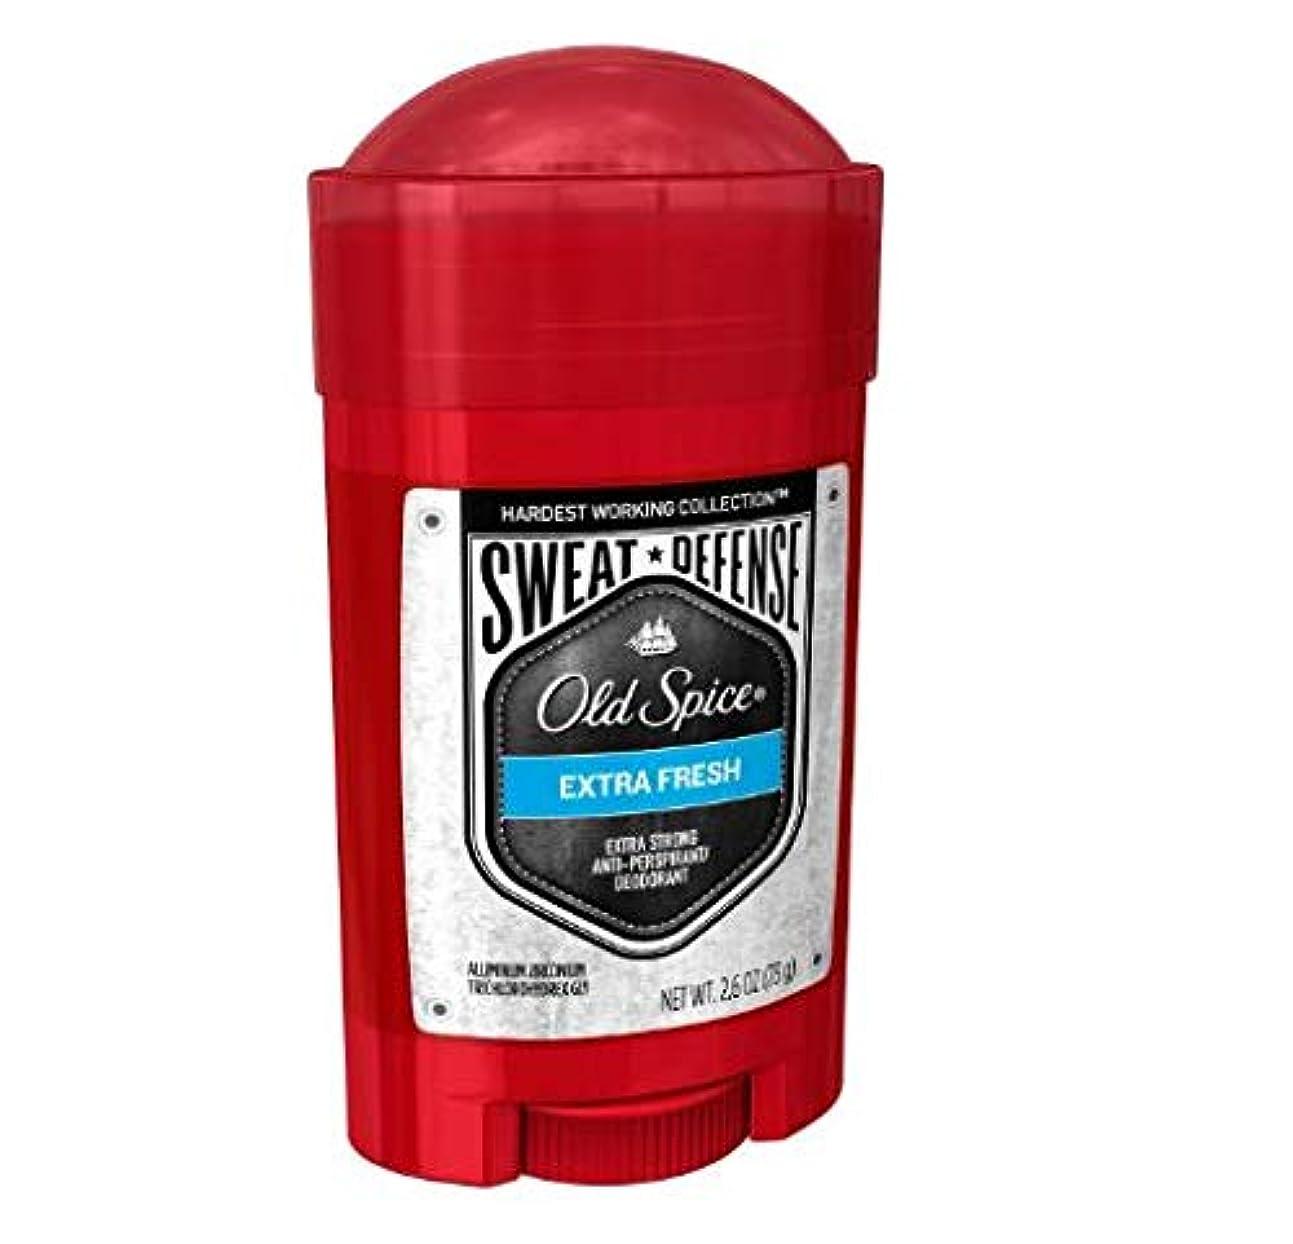 メディックレオナルドダお金Old Spice Hardest Working Collection Sweat Defense Extra Fresh Antiperspirant and Deodorant - 2.6oz オールドスパイス ハーデスト ワーキング コレクション スウェット ディフェンス エクストラフレッシュ デオドラント 73g [並行輸入品]